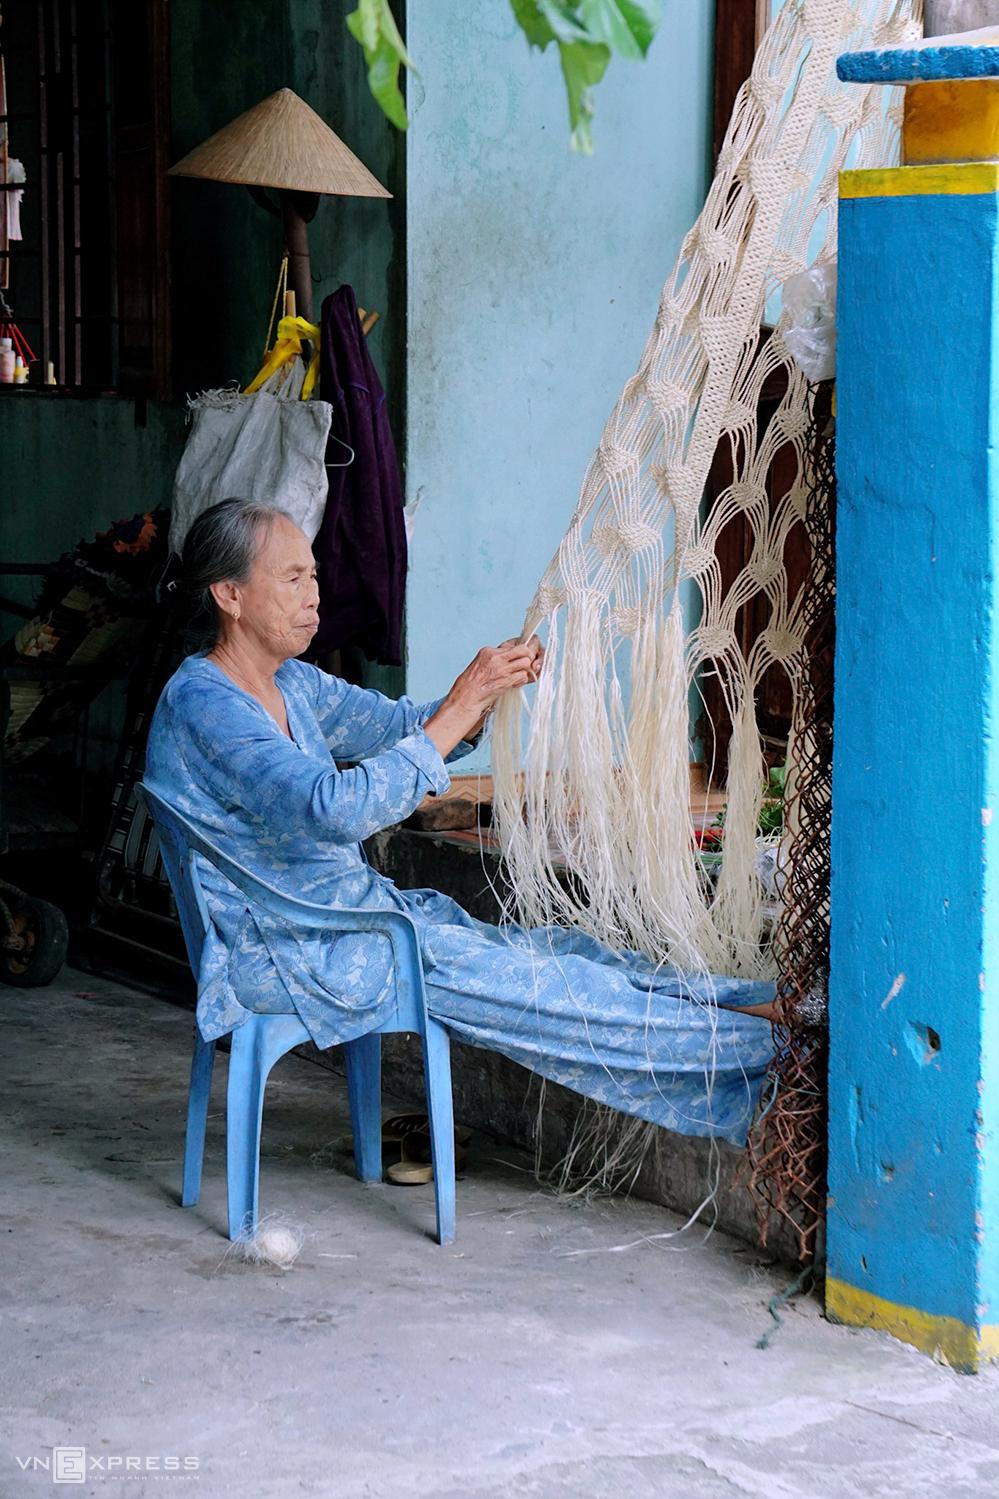 Người phụ nữ đan võng từ vỏ cây ngô đồng. Từ khâu bóc tách vỏ cây, đem ngâm nước khoảng chục ngày, đưa về xé sợi mảnh, phơi lấy vài cái nắng giòn mới bắt đầu khâu đan là cả một quá trình, để rồi võng trở thành một trong những món quà lưu niệm có giá trị dành cho khách.